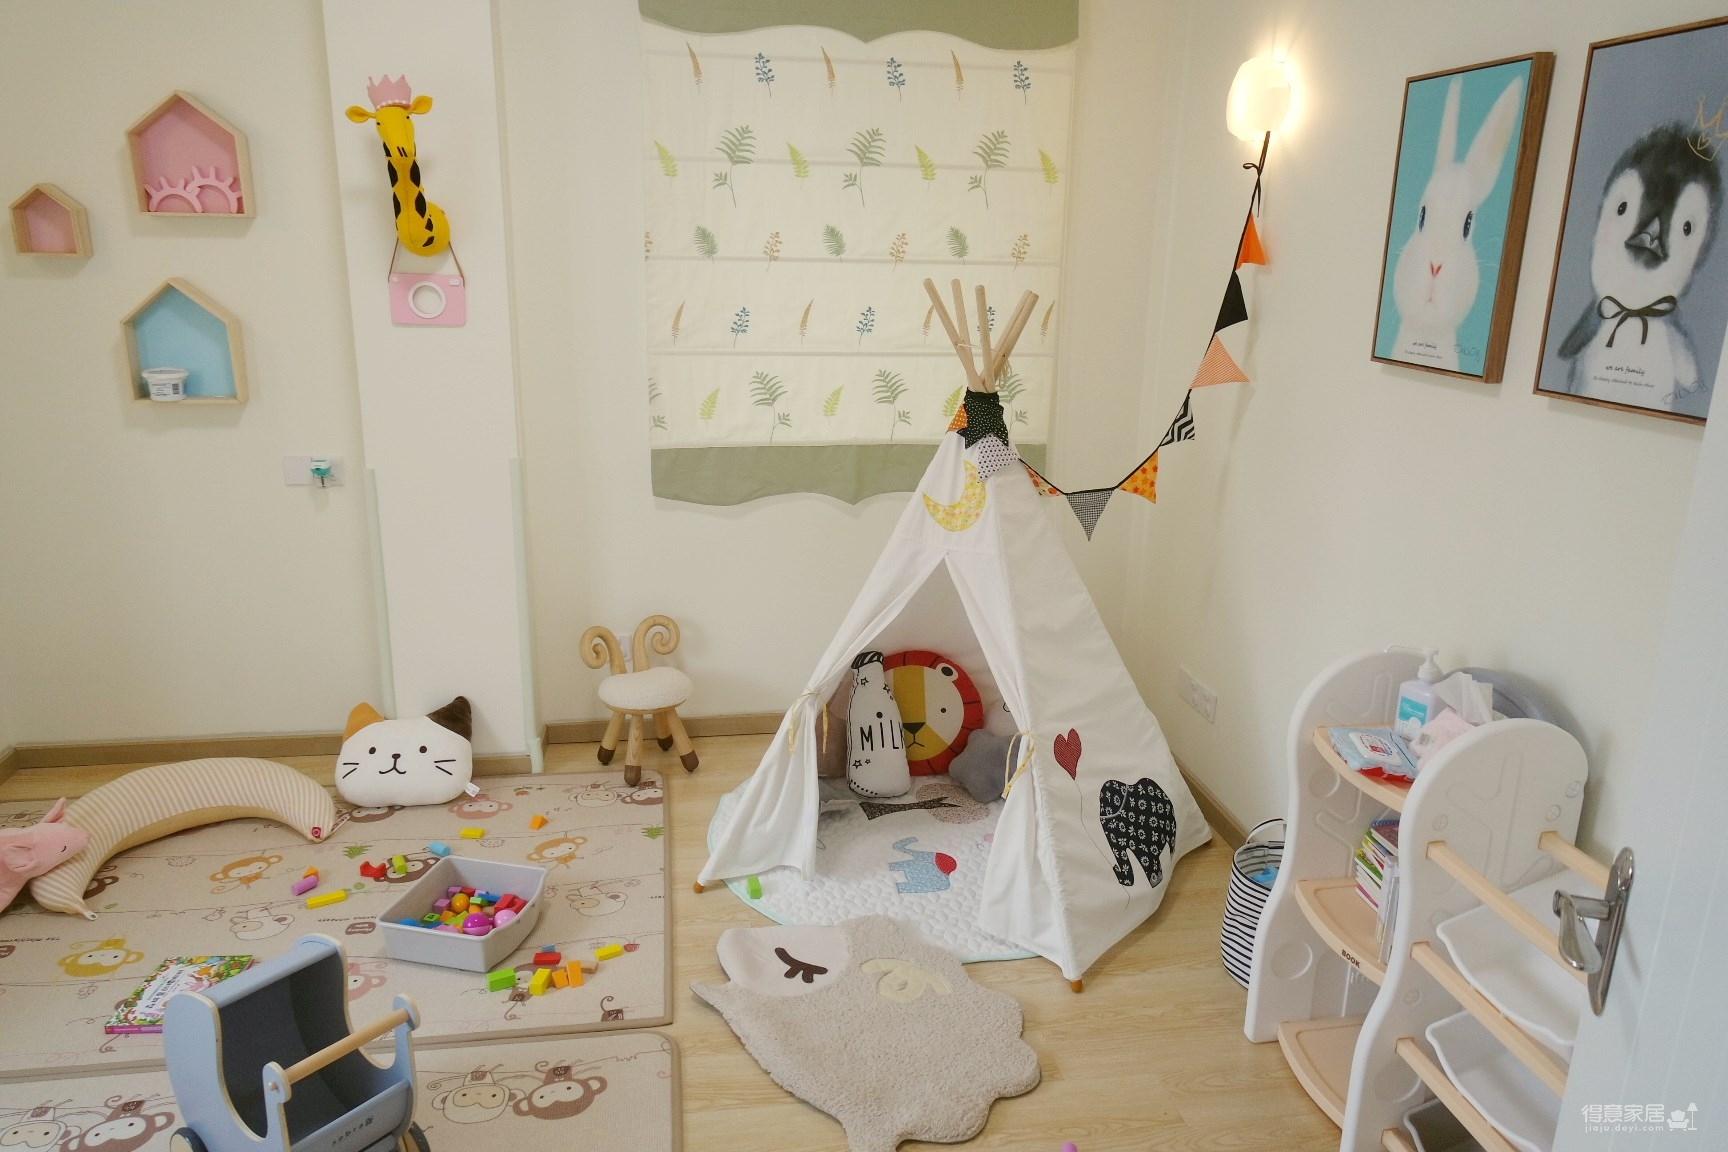 为刚出生的女儿打造一个简约原木风的快乐成长窝!